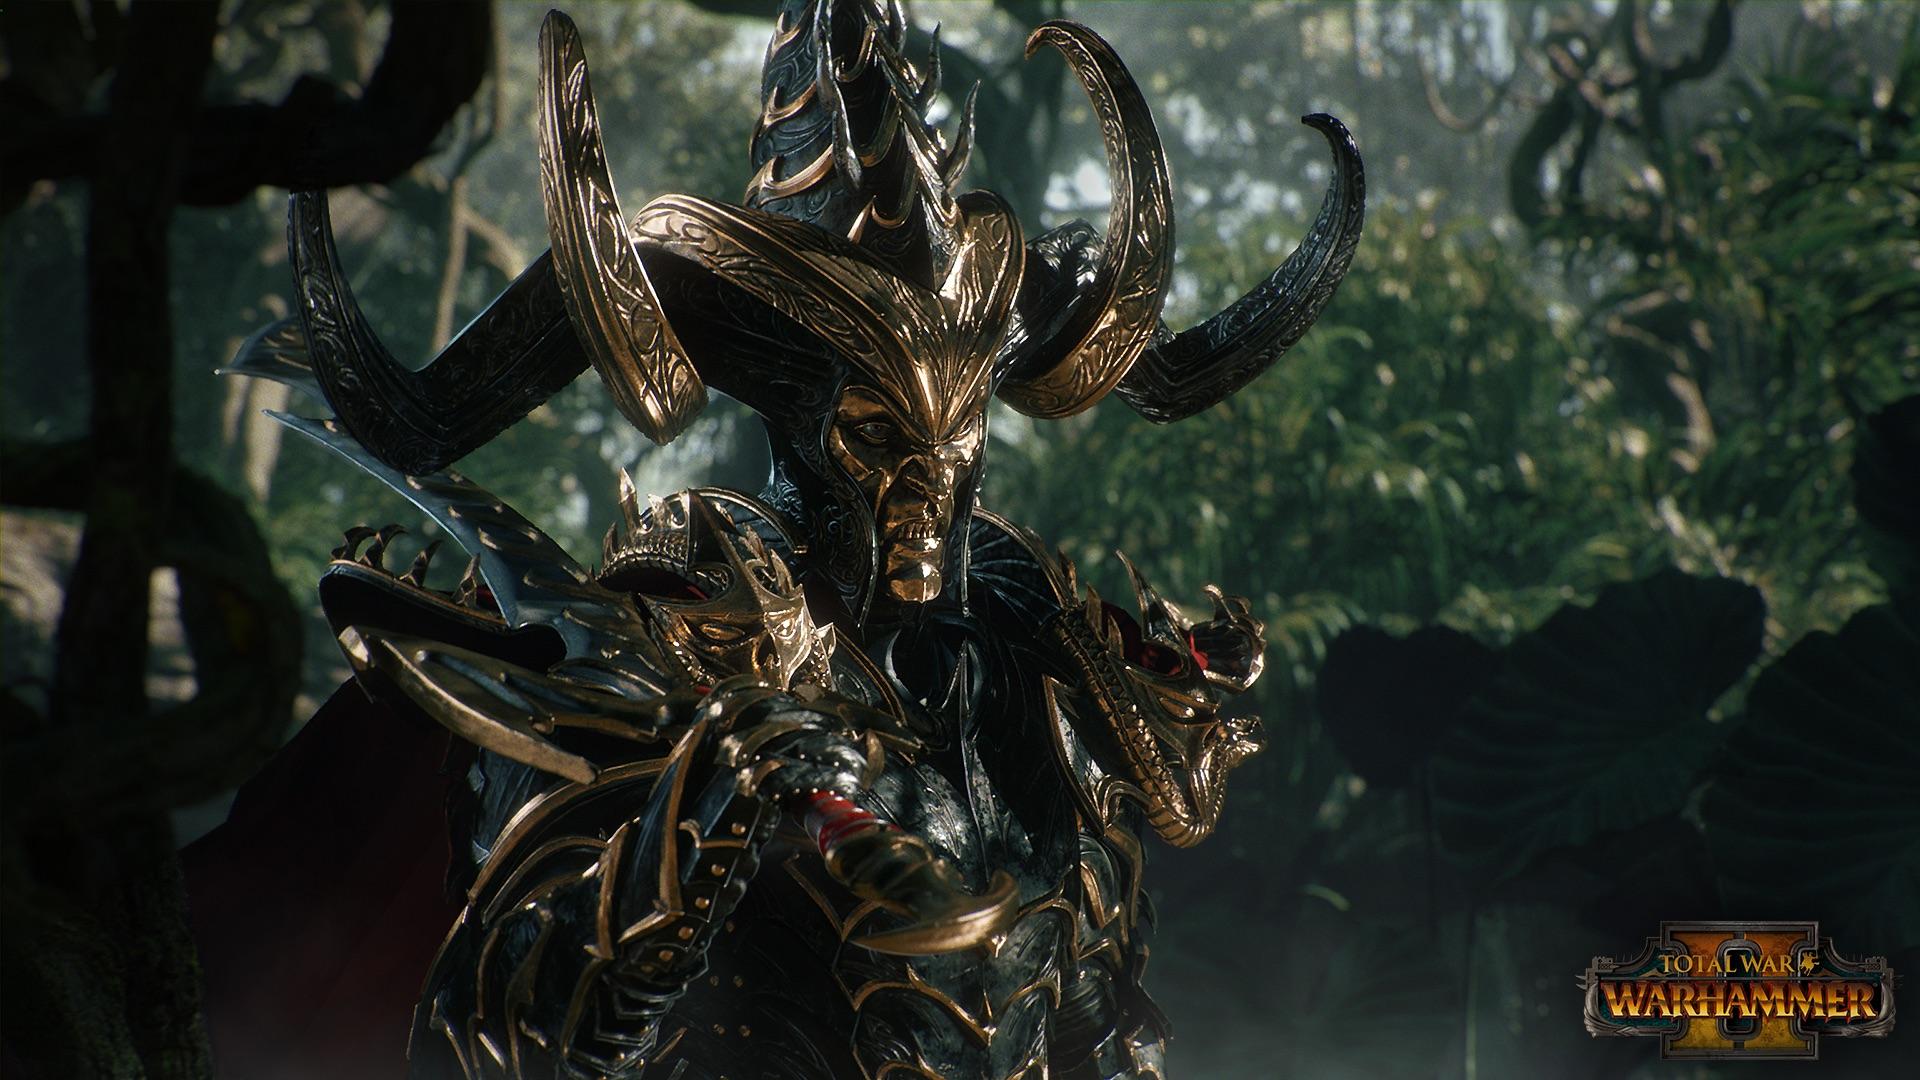 Total War: Warhammer II - Dark Elves